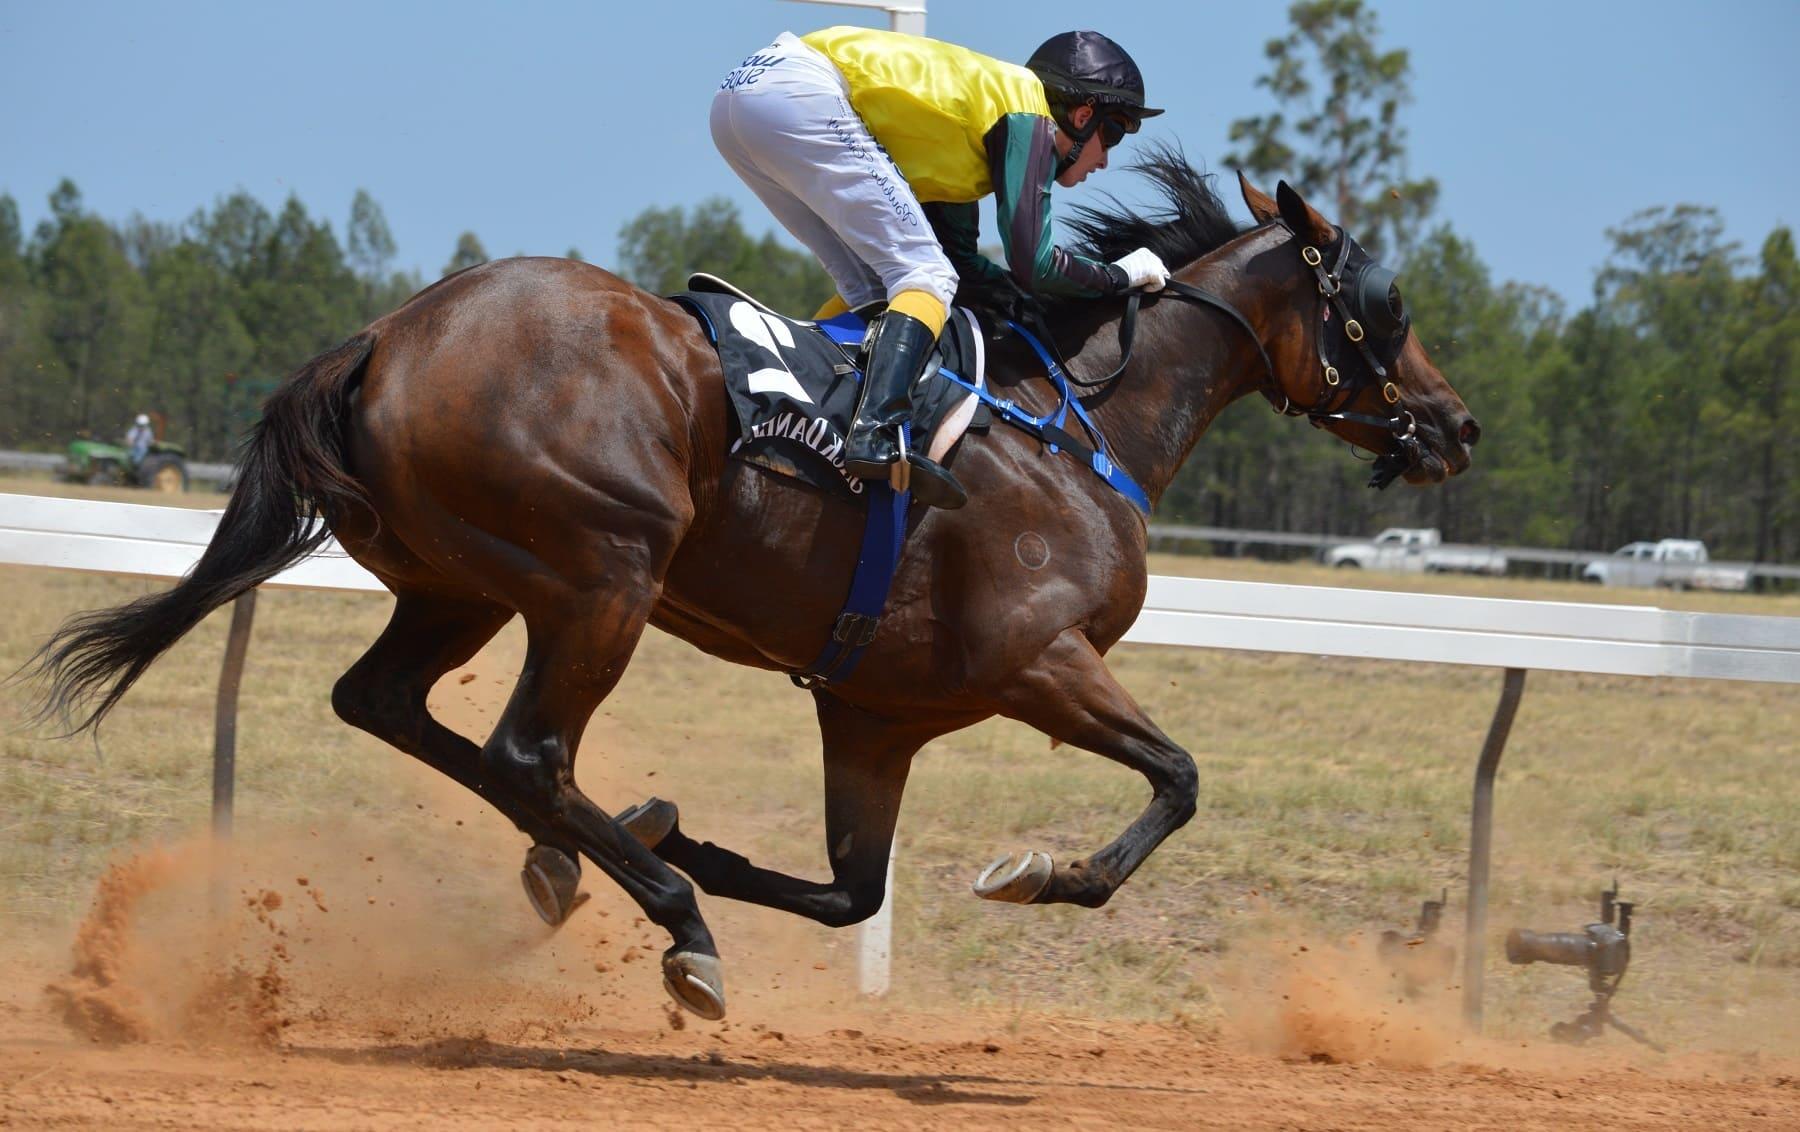 Езда верхом - опасный вид спорта